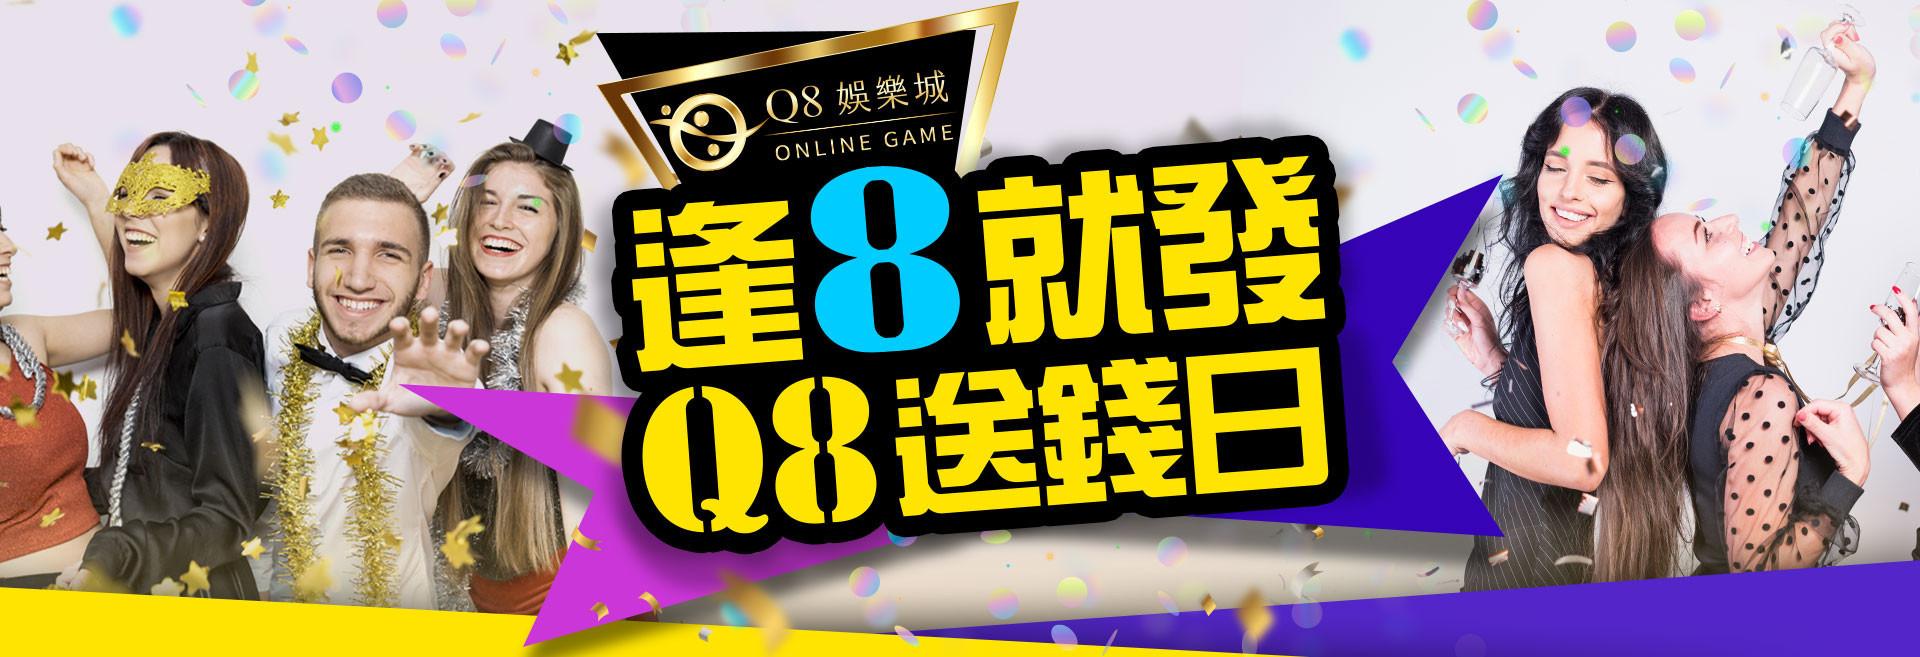 Q8娛樂城-逢8就發Q8送錢日